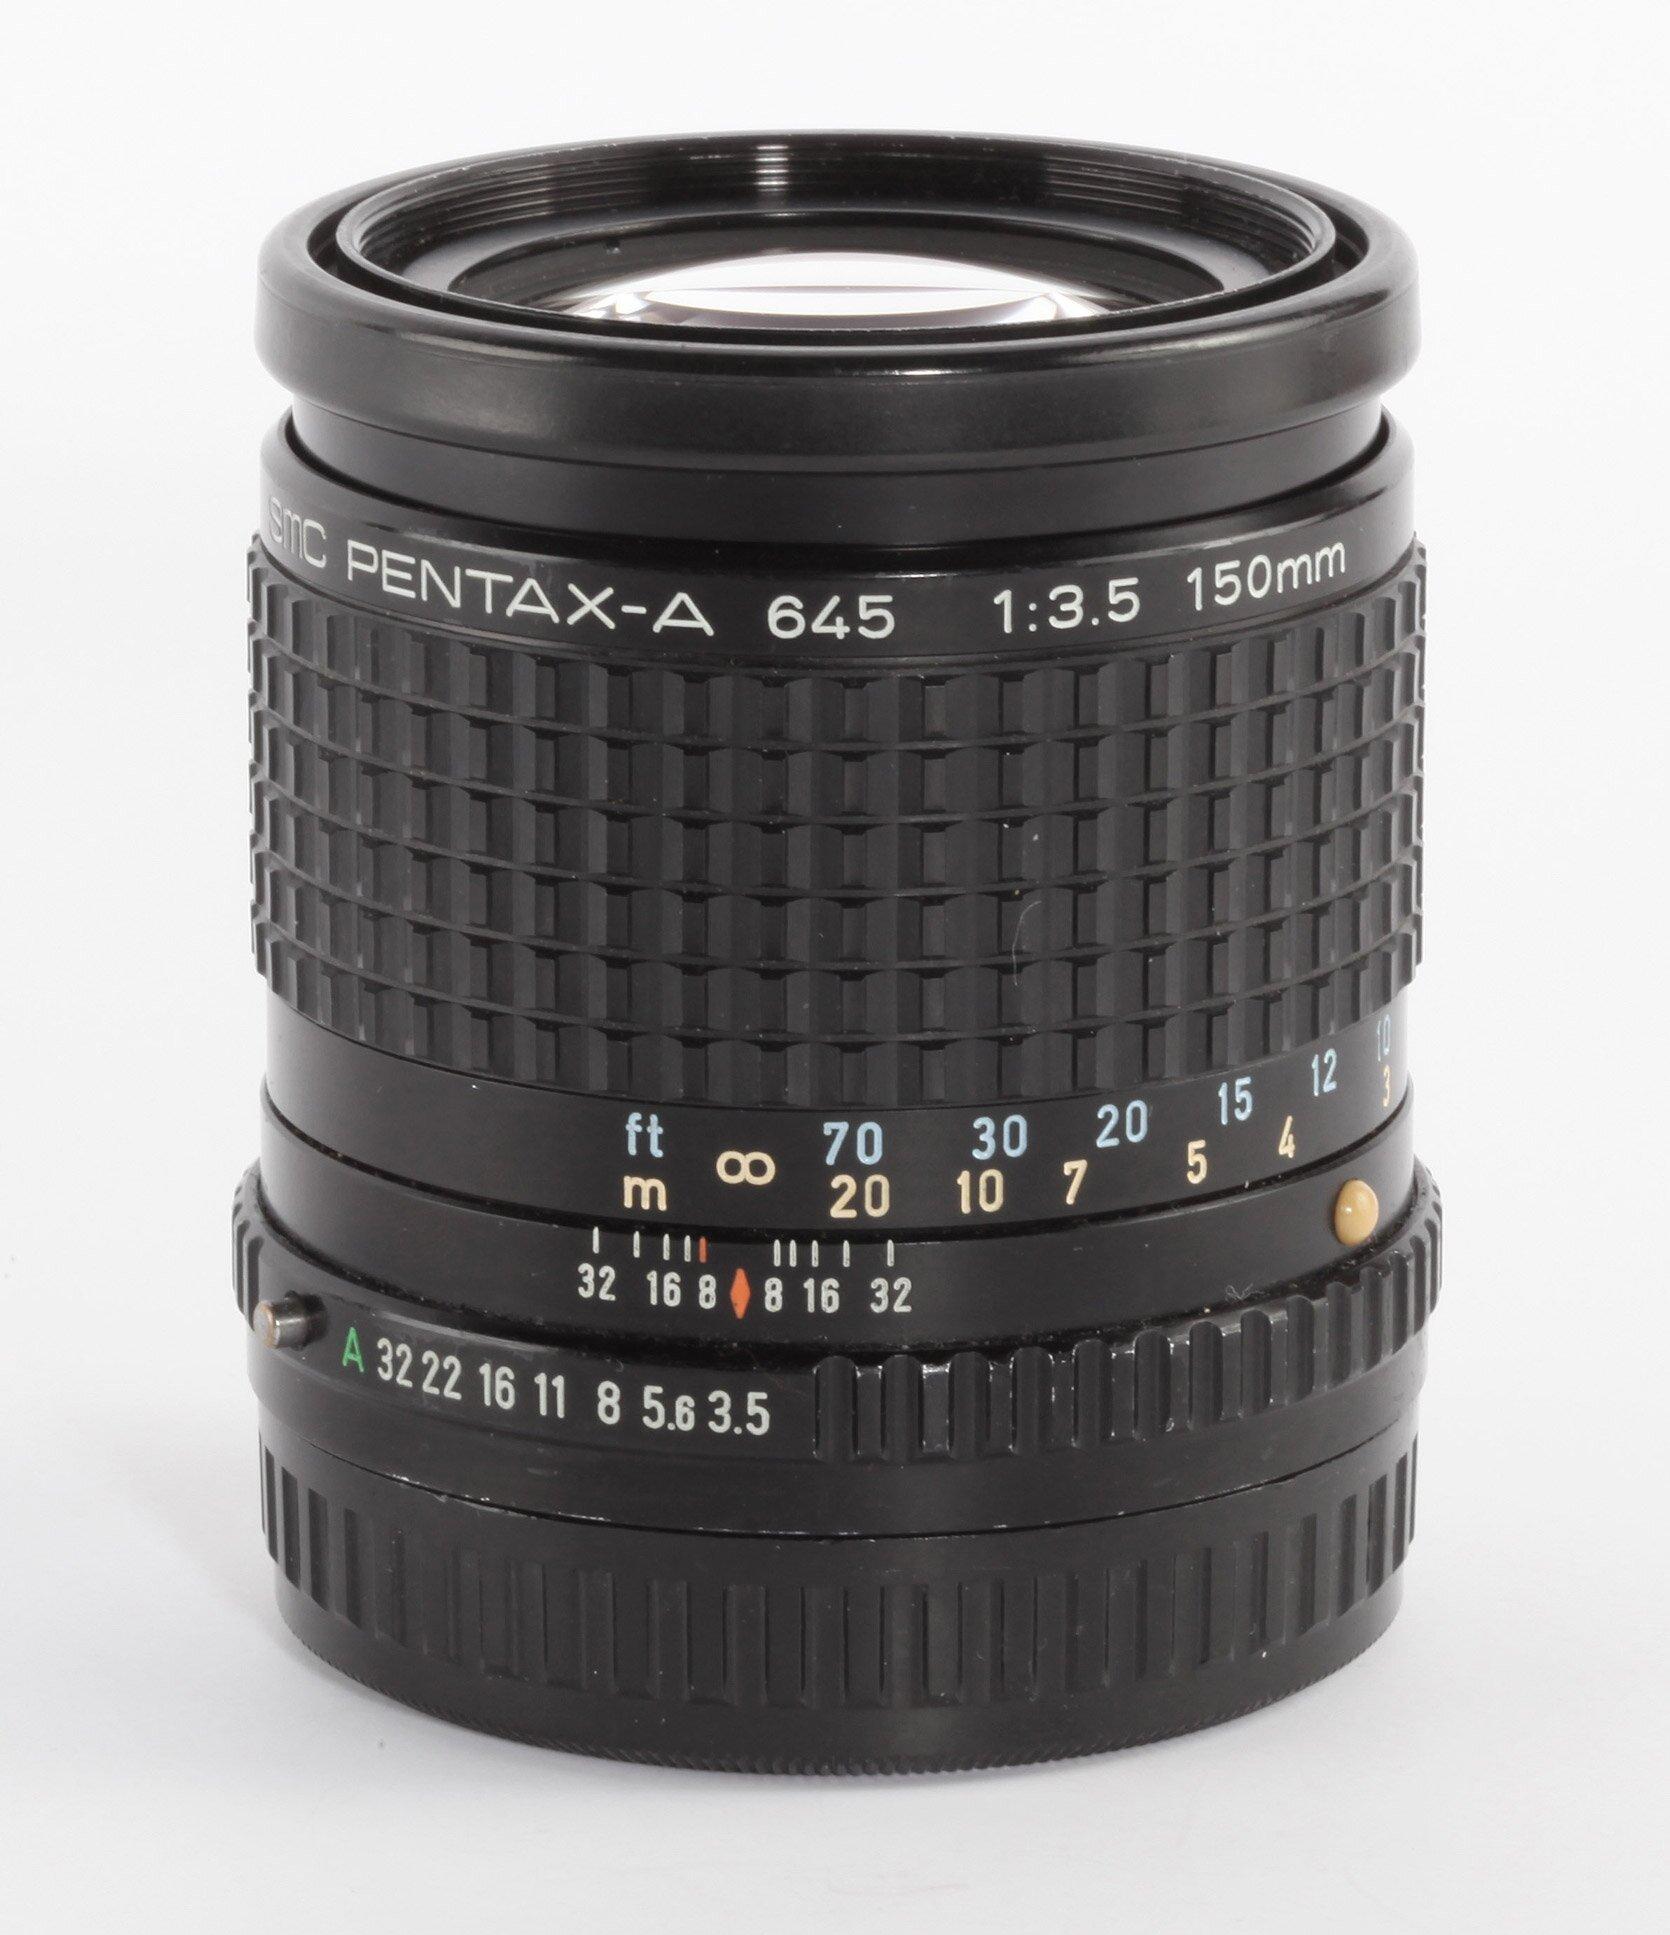 SMC Pentax -A 645 3,5/150mm f.645